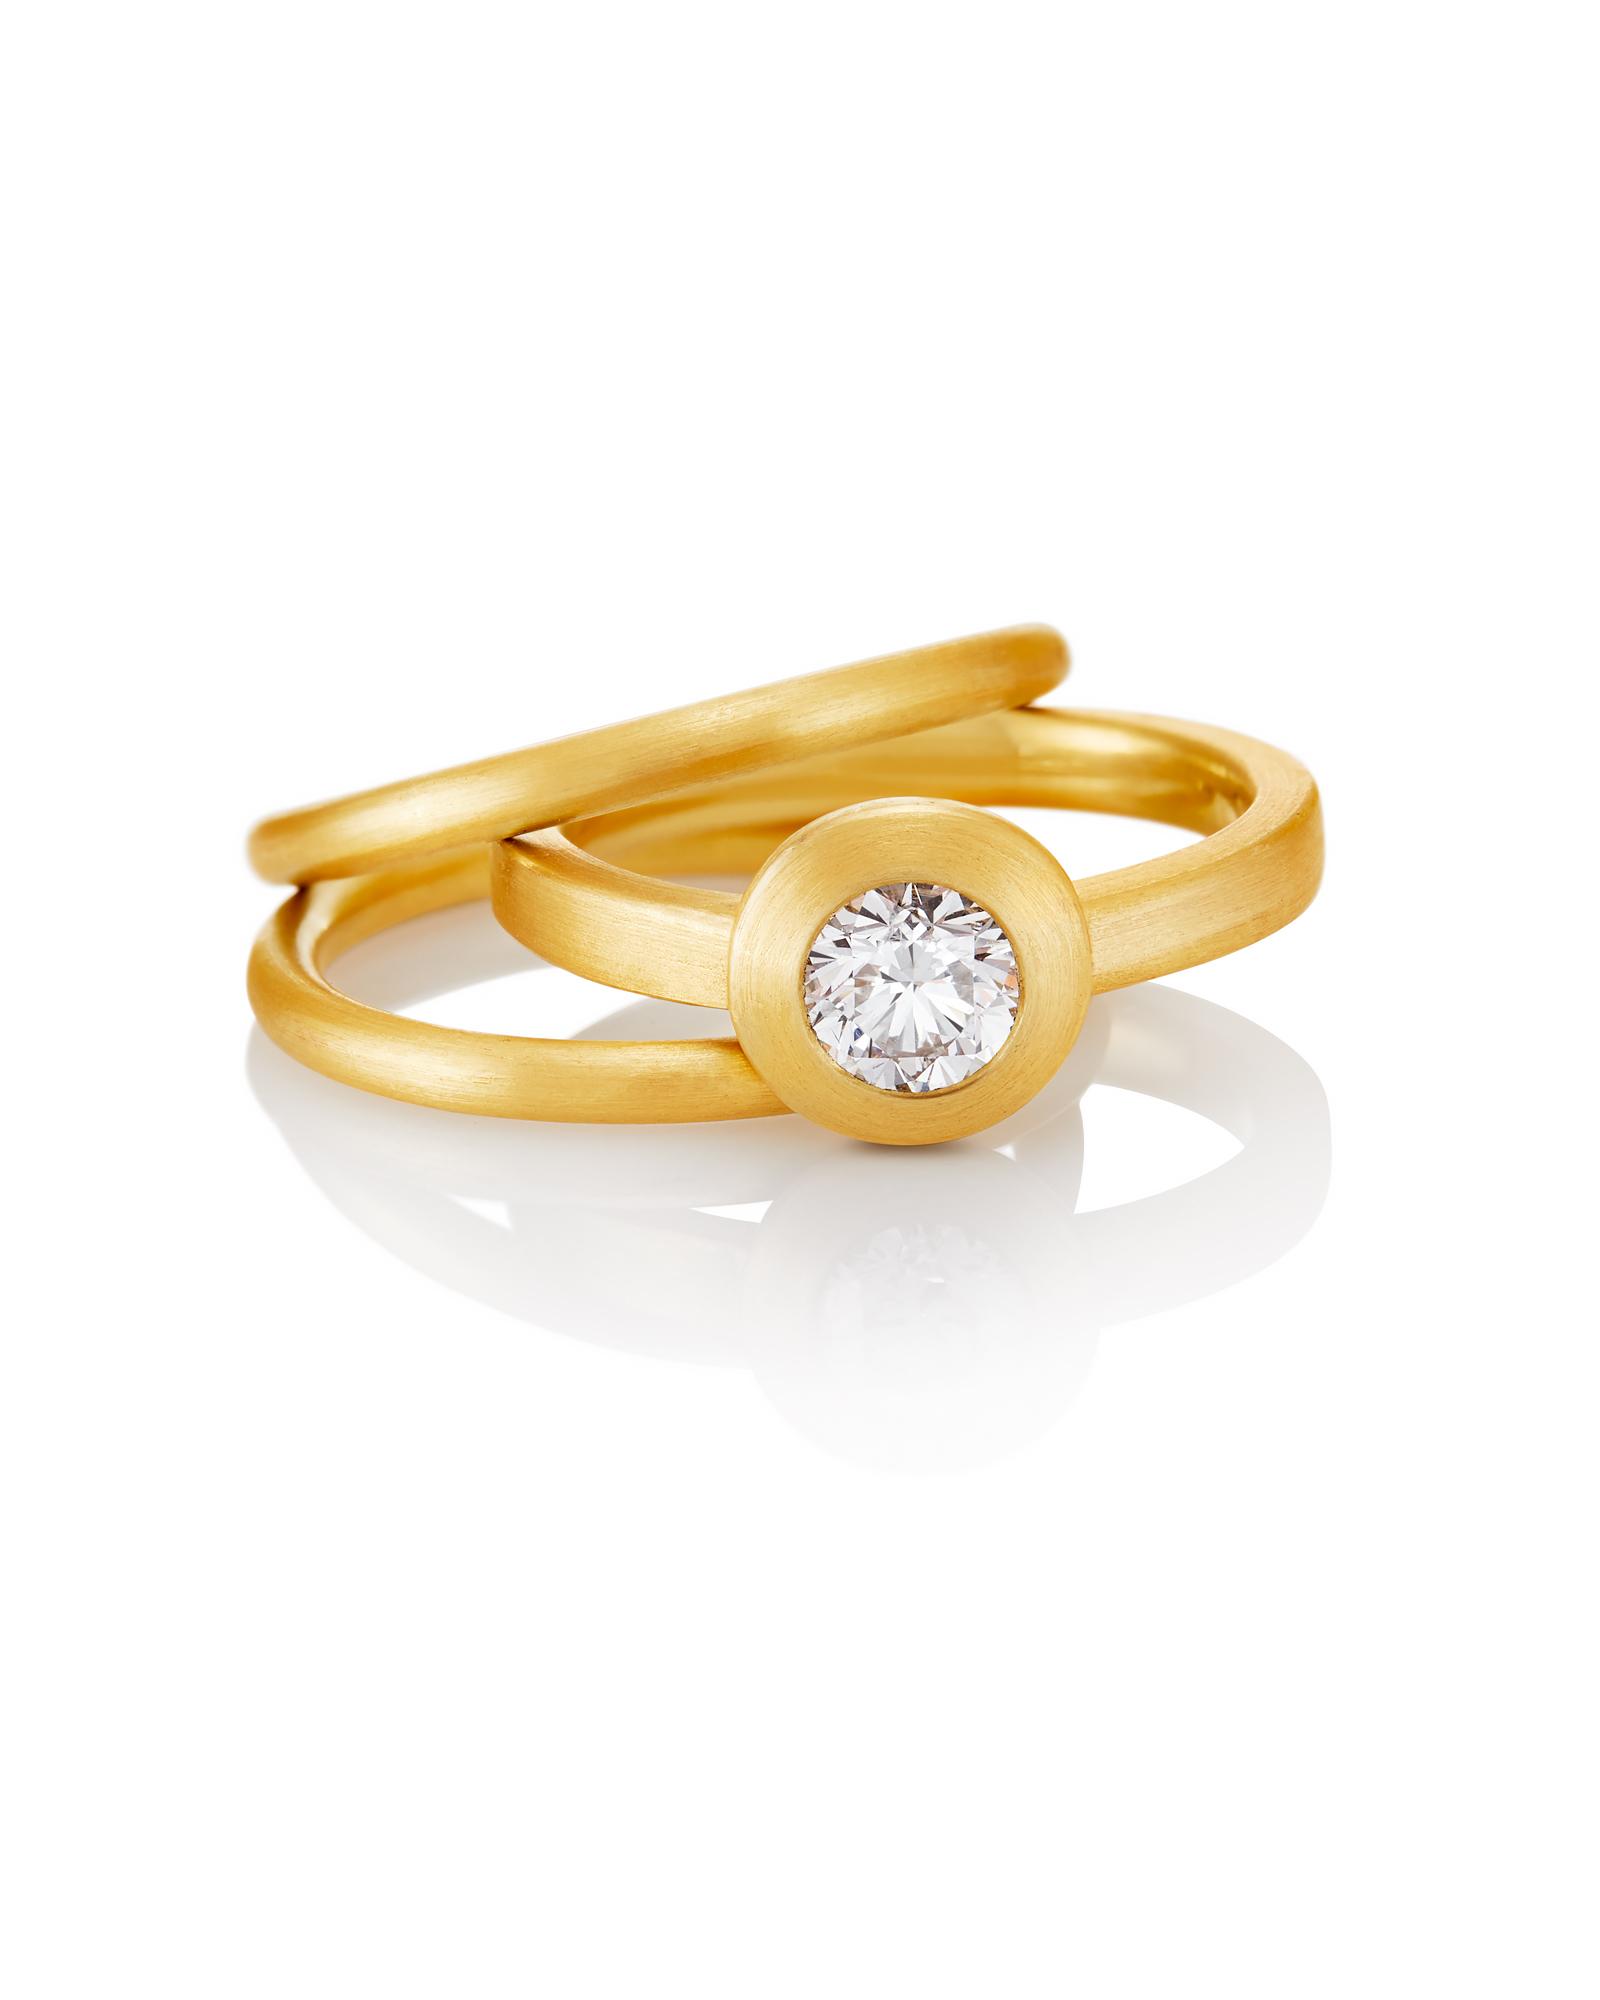 Jewelry_16.jpg